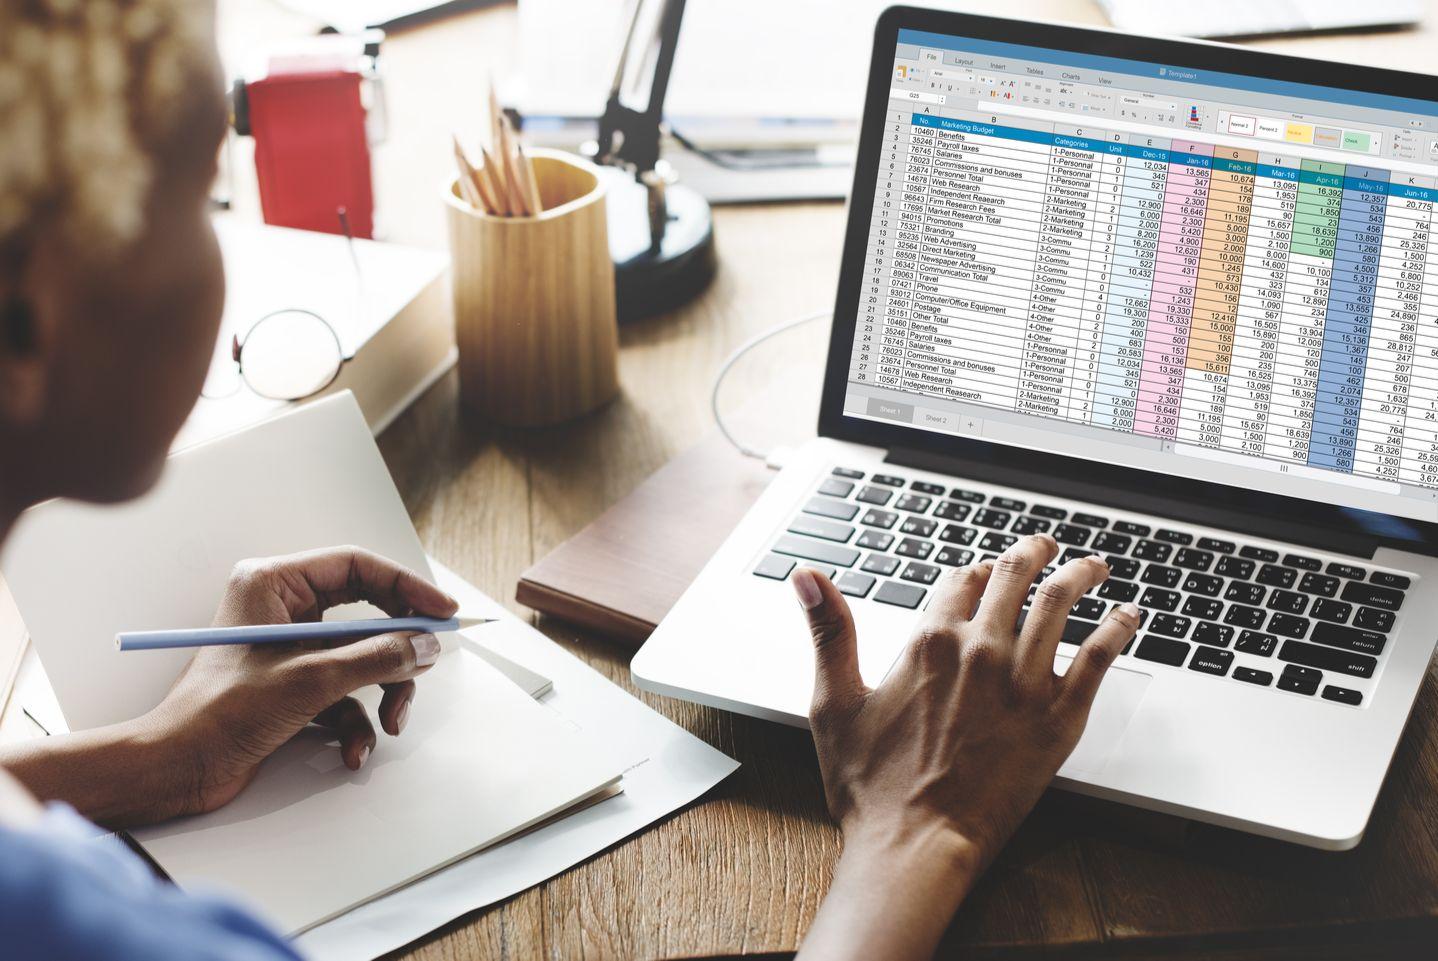 Đặc điểm và cách sử dụng Top 06 phần mềm kế toán thông dụng